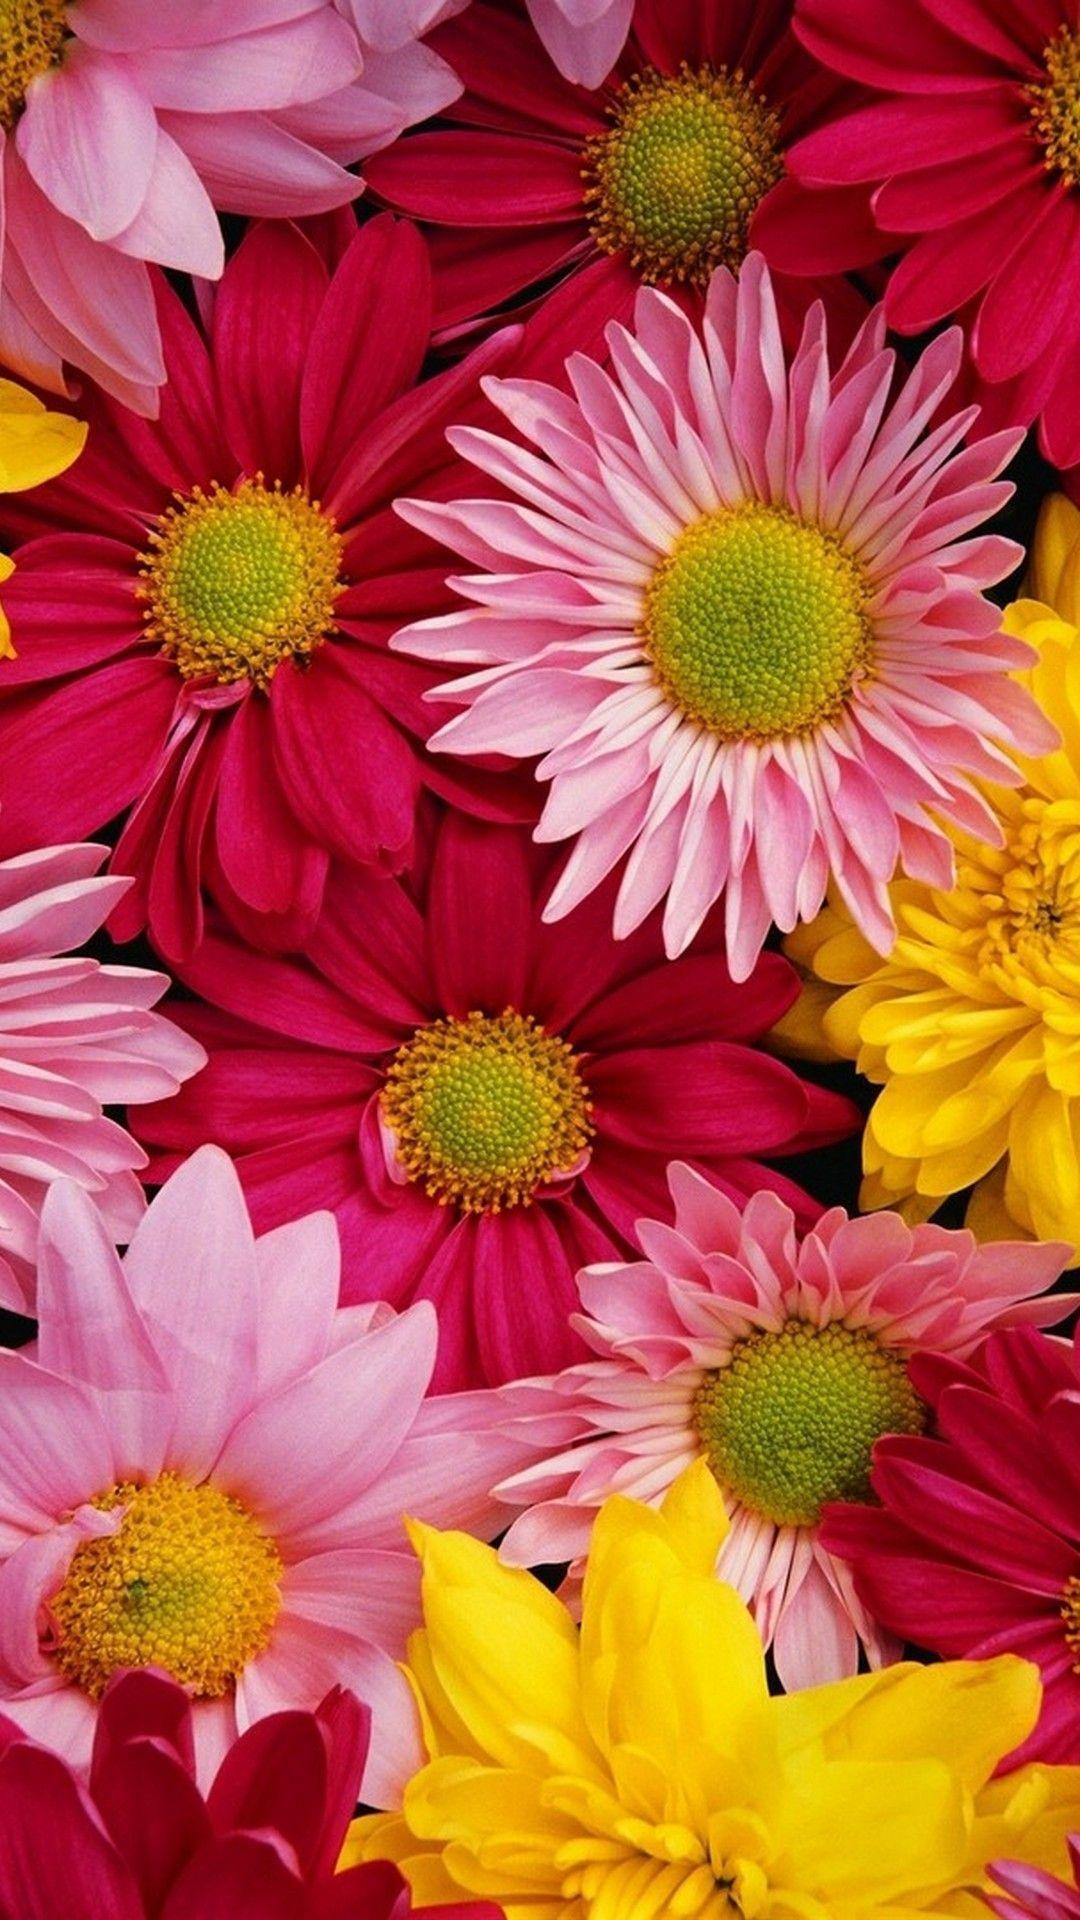 Floral Wallpaper Iphone Pixelstalk Net In 2020 Flower Iphone Wallpaper Wallpaper Nature Flowers Hd Flower Wallpaper